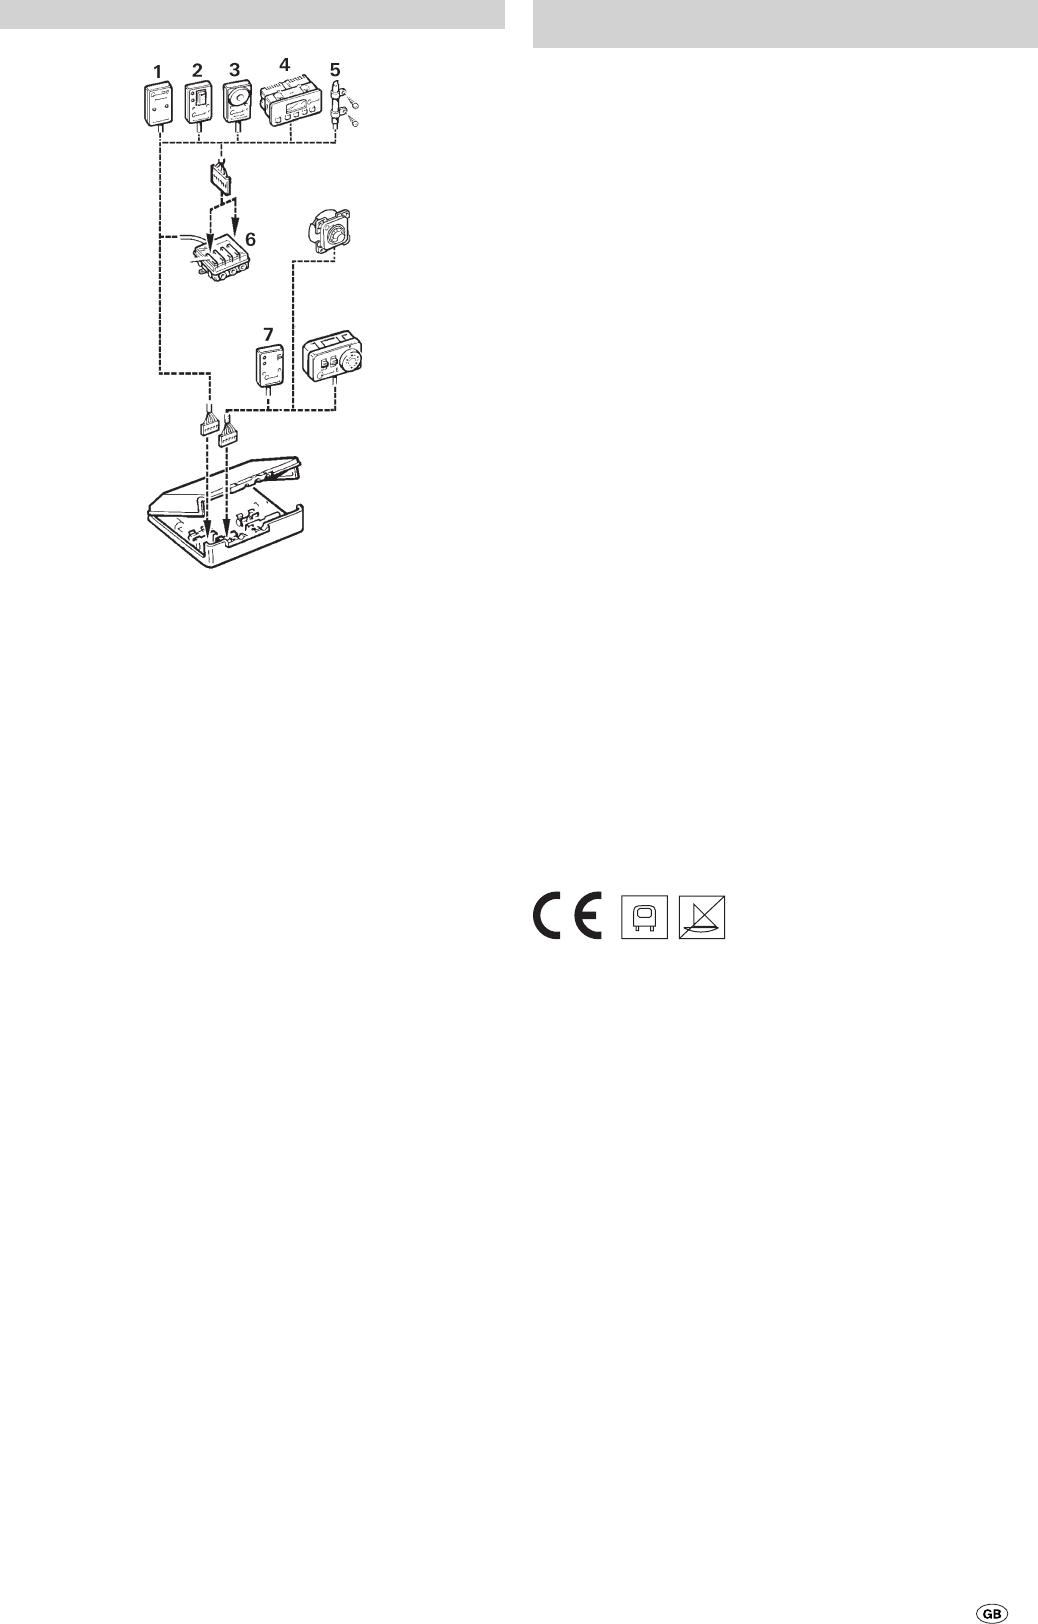 Handleiding Trumatic E 2400 E (pagina 14 van 24) (Deutsch, English)